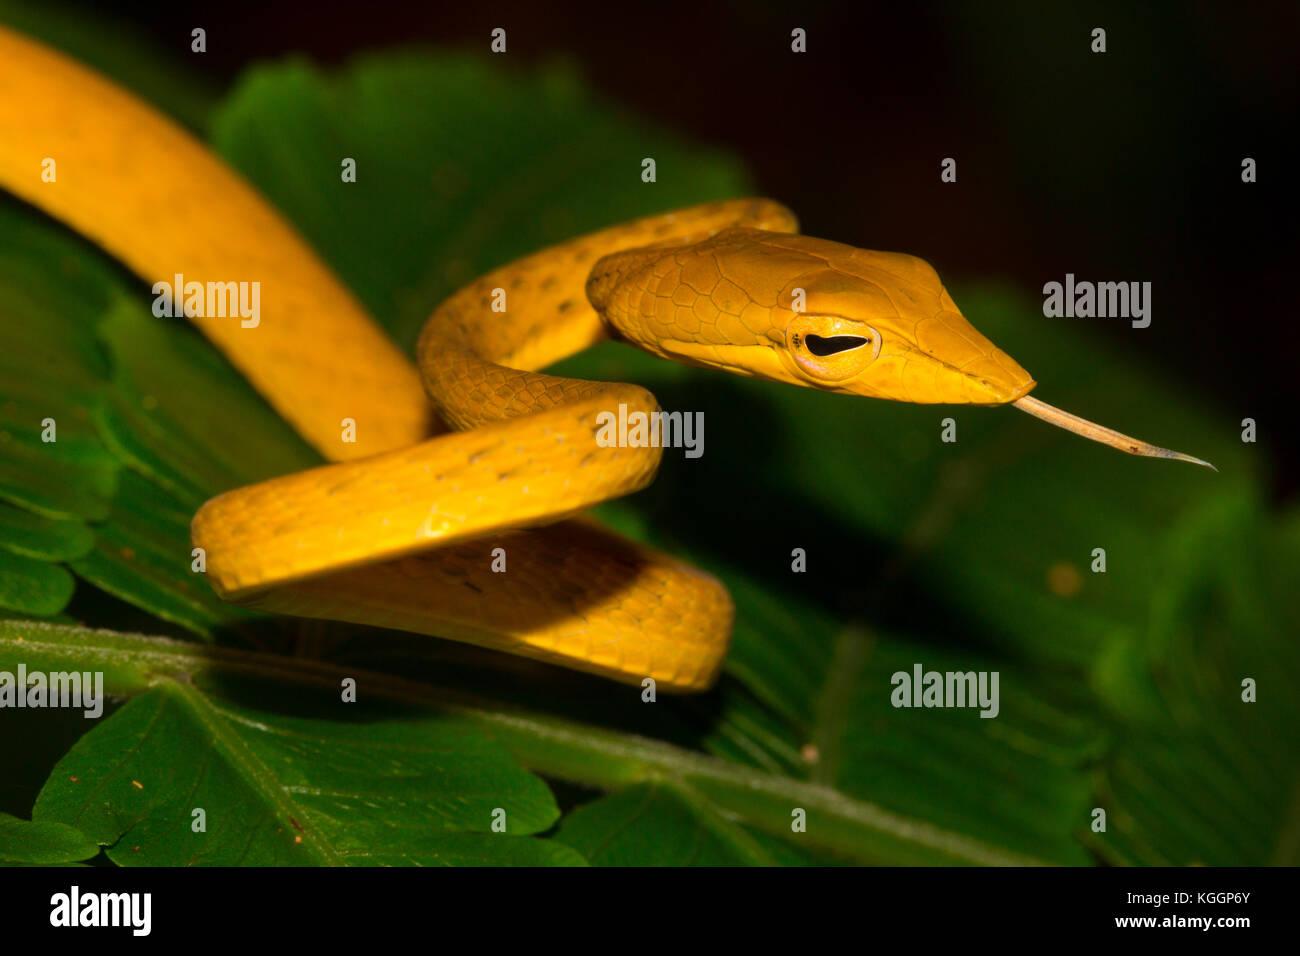 Ahaetulla prasina (whipsnake Oriental, asiatique, serpent de vigne vigne jade serpent) est mince, slighttly serpent venimeux vivant dans les arbres. np Gunung Mulu, Bornéo. Banque D'Images